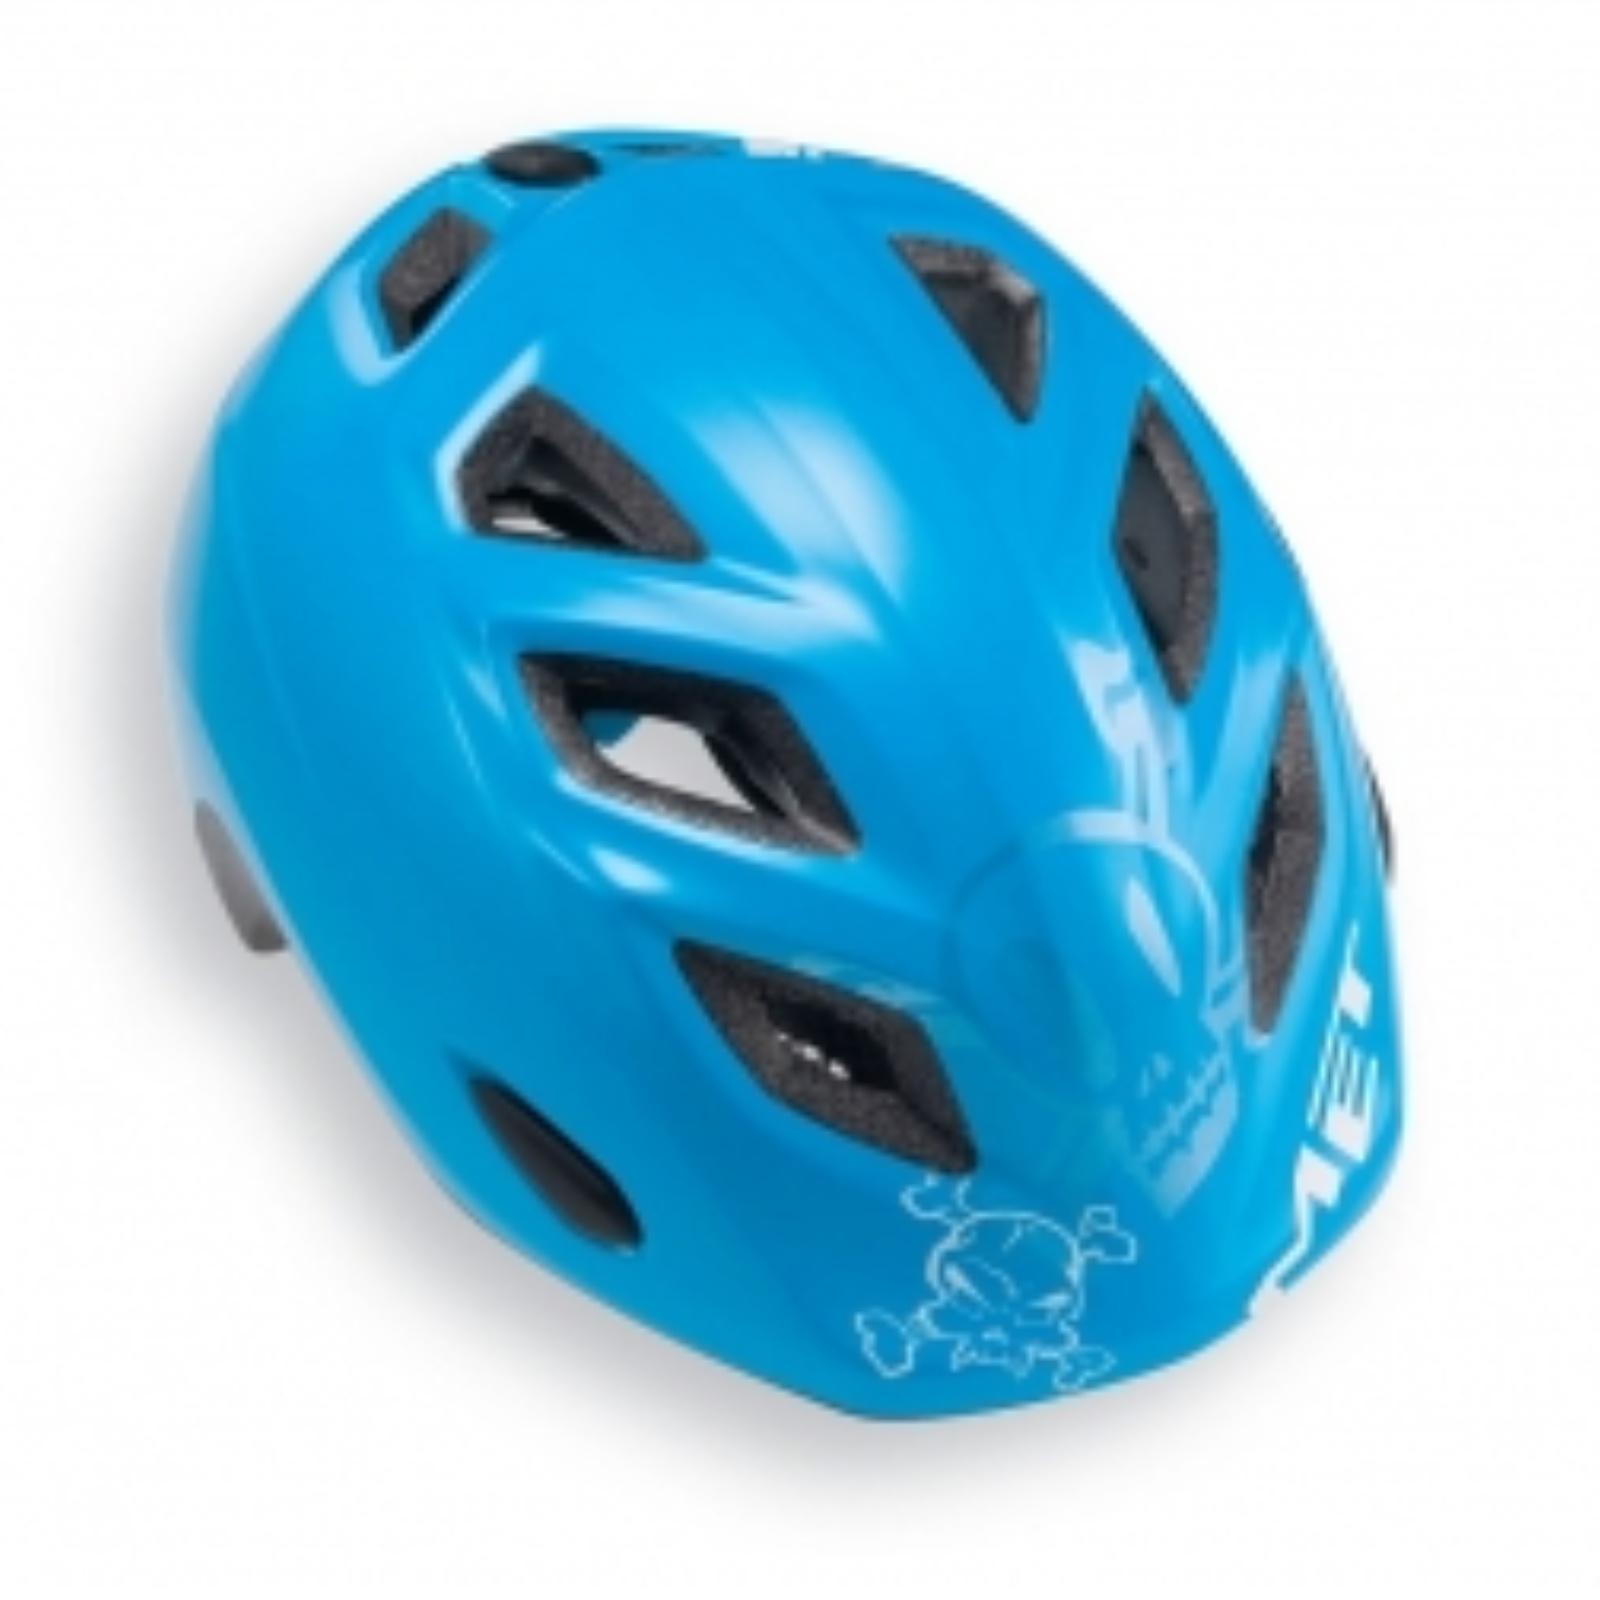 Cyklo přilba MET Genio 52-57 jolly roger